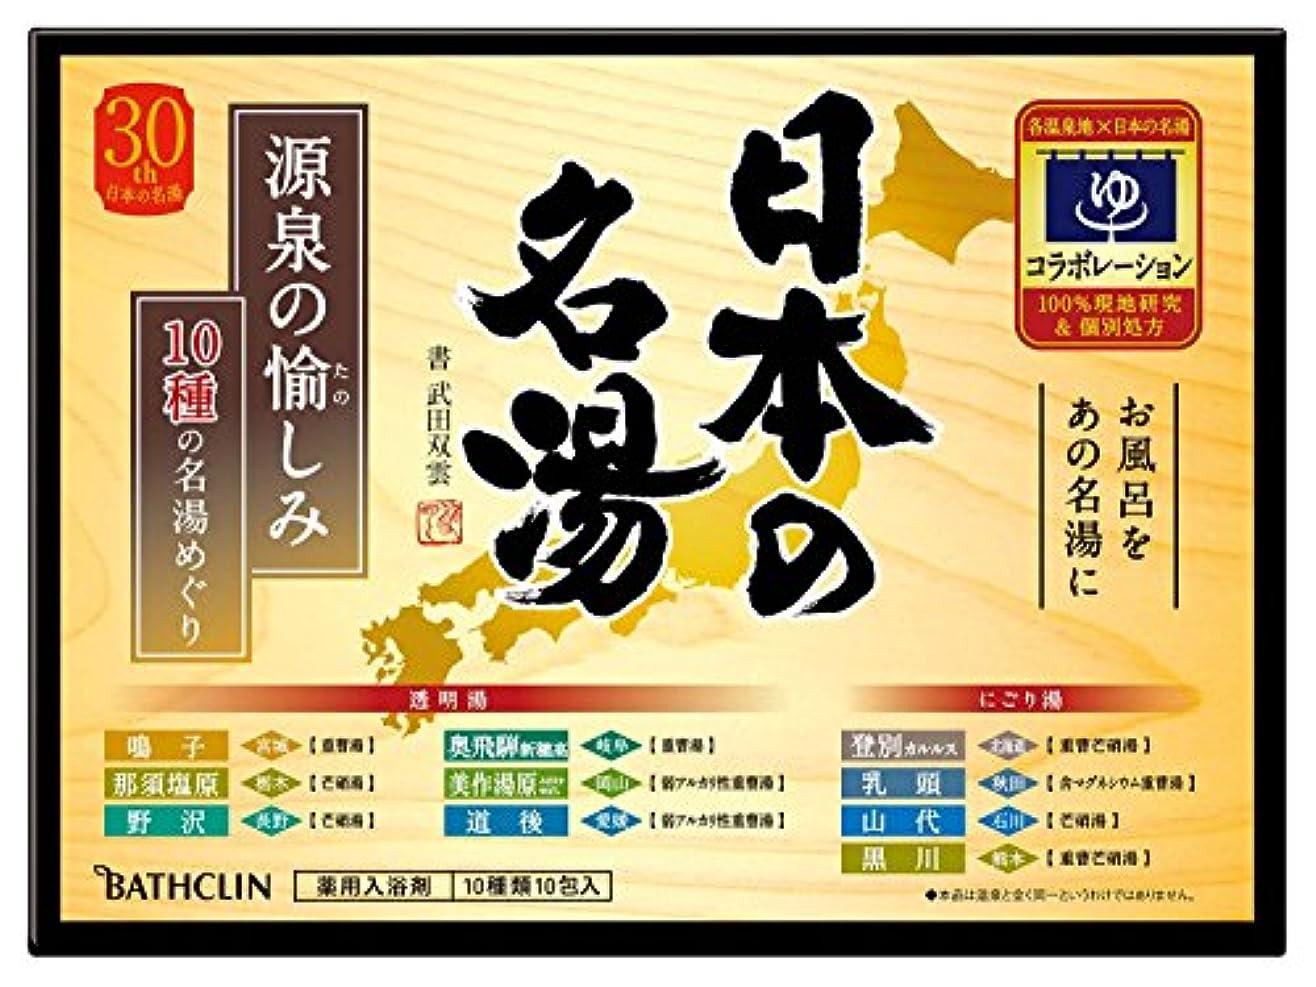 踊り子旅行代理店宗教【医薬部外品】日本の名湯入浴剤 源泉の愉しみ 30g ×10包 個包装 詰め合わせ 温泉タイプ